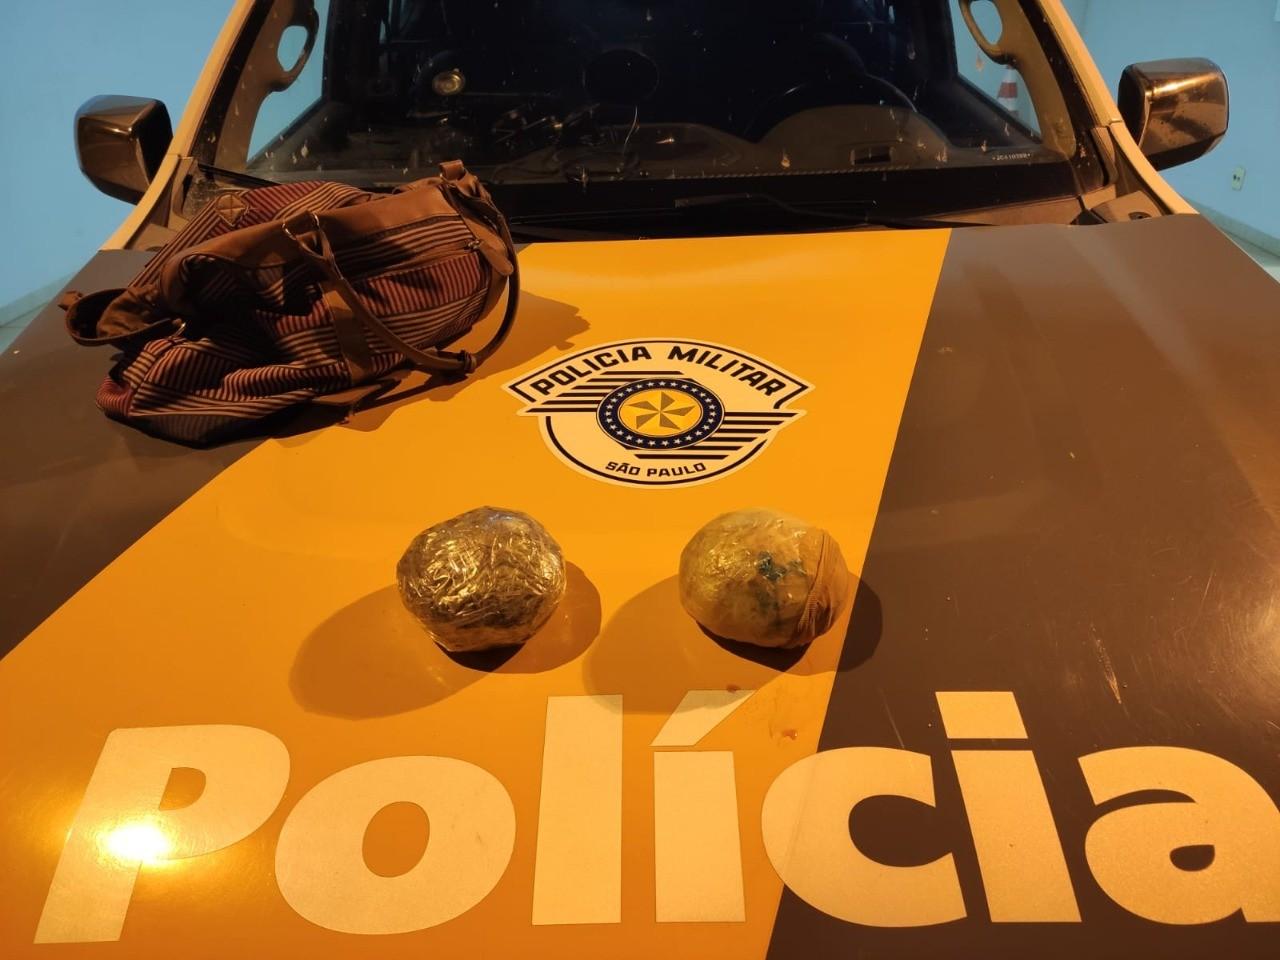 Mulher de 18 anos é presa em flagrante com pacotes de cocaína em mala de mão